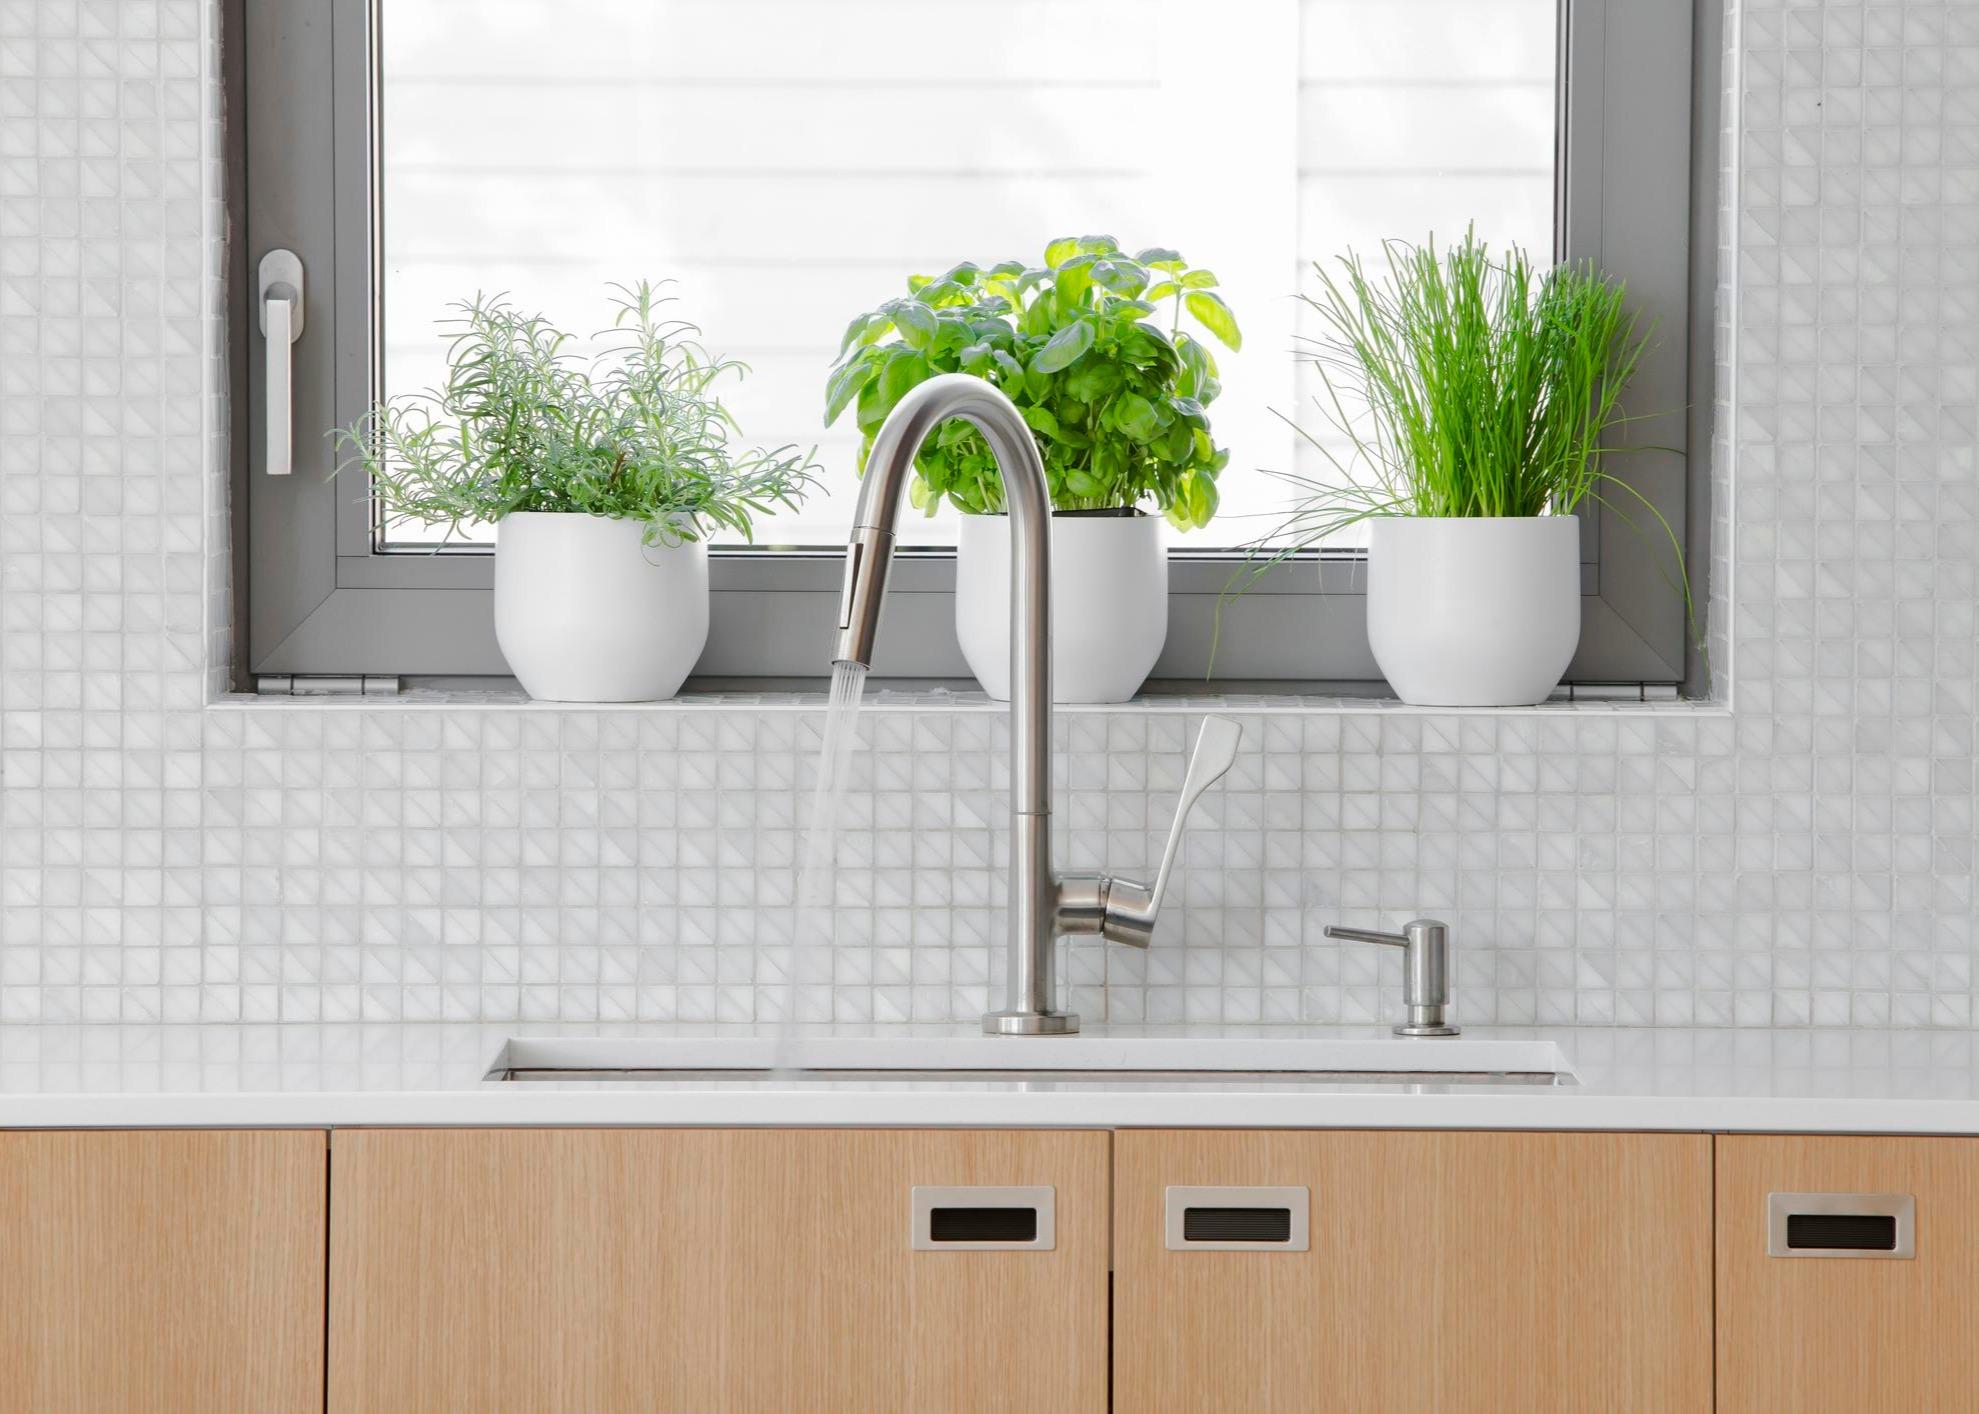 Une cuisine propre pour protéger sa santé Thumbnail